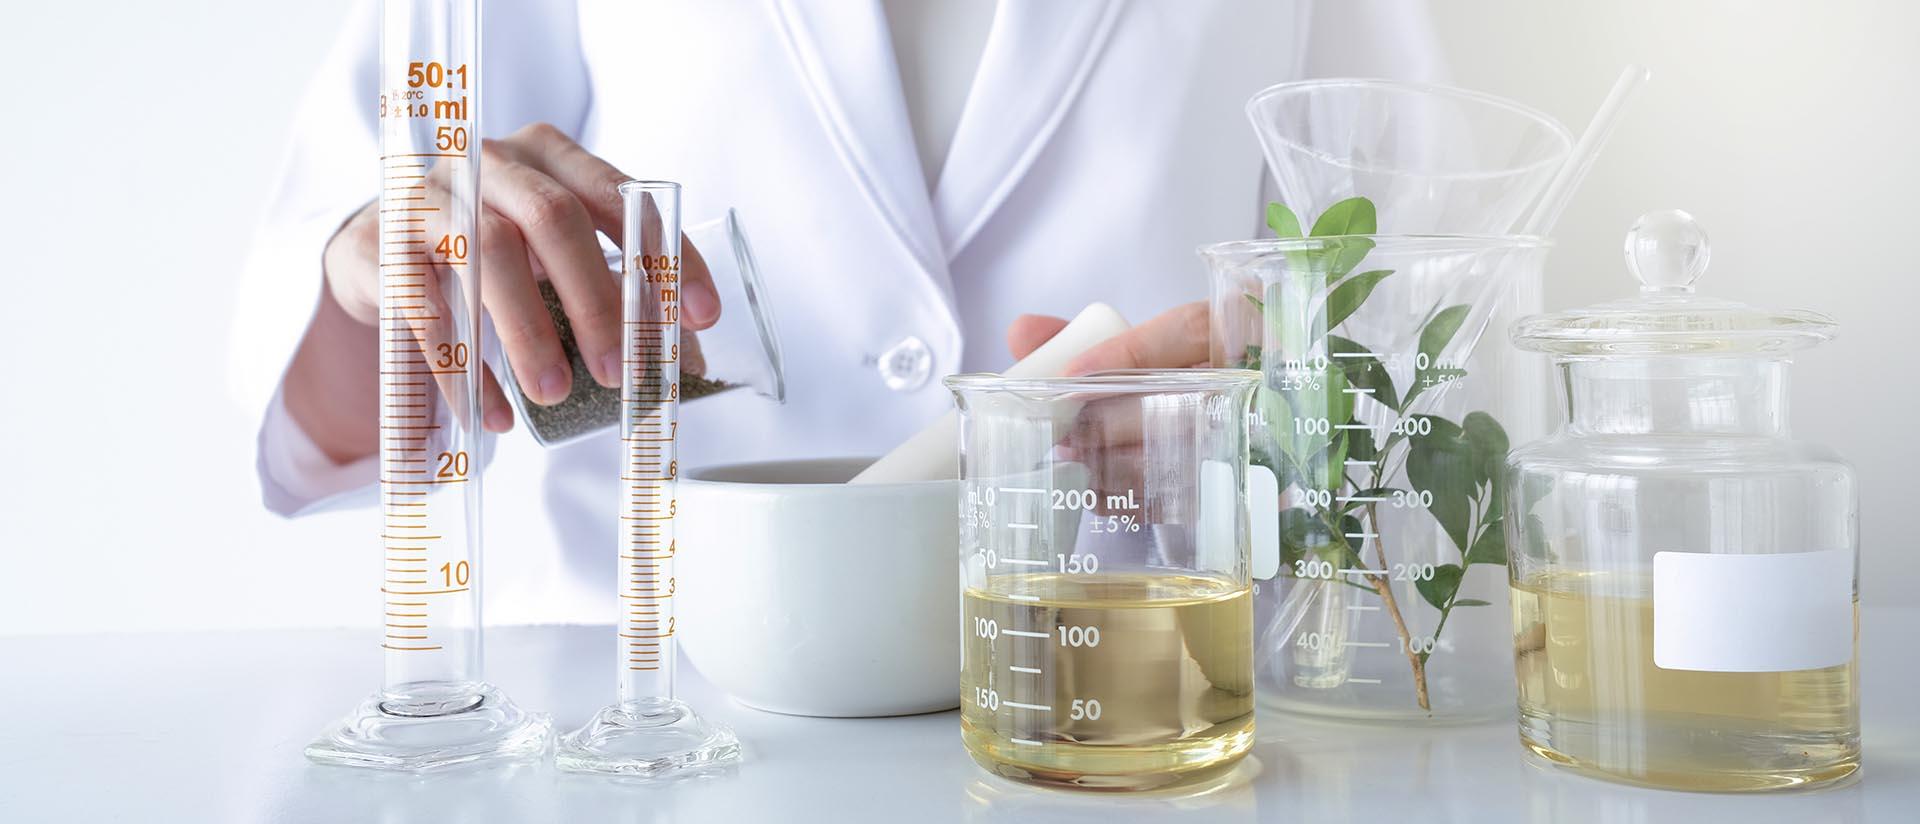 E-Mail-Lösungen für den Health-Care-Bereich: Von Medizin über Medizintechnik, Pharma, Krankenkassen bis hin zu Chemie und Drogerie